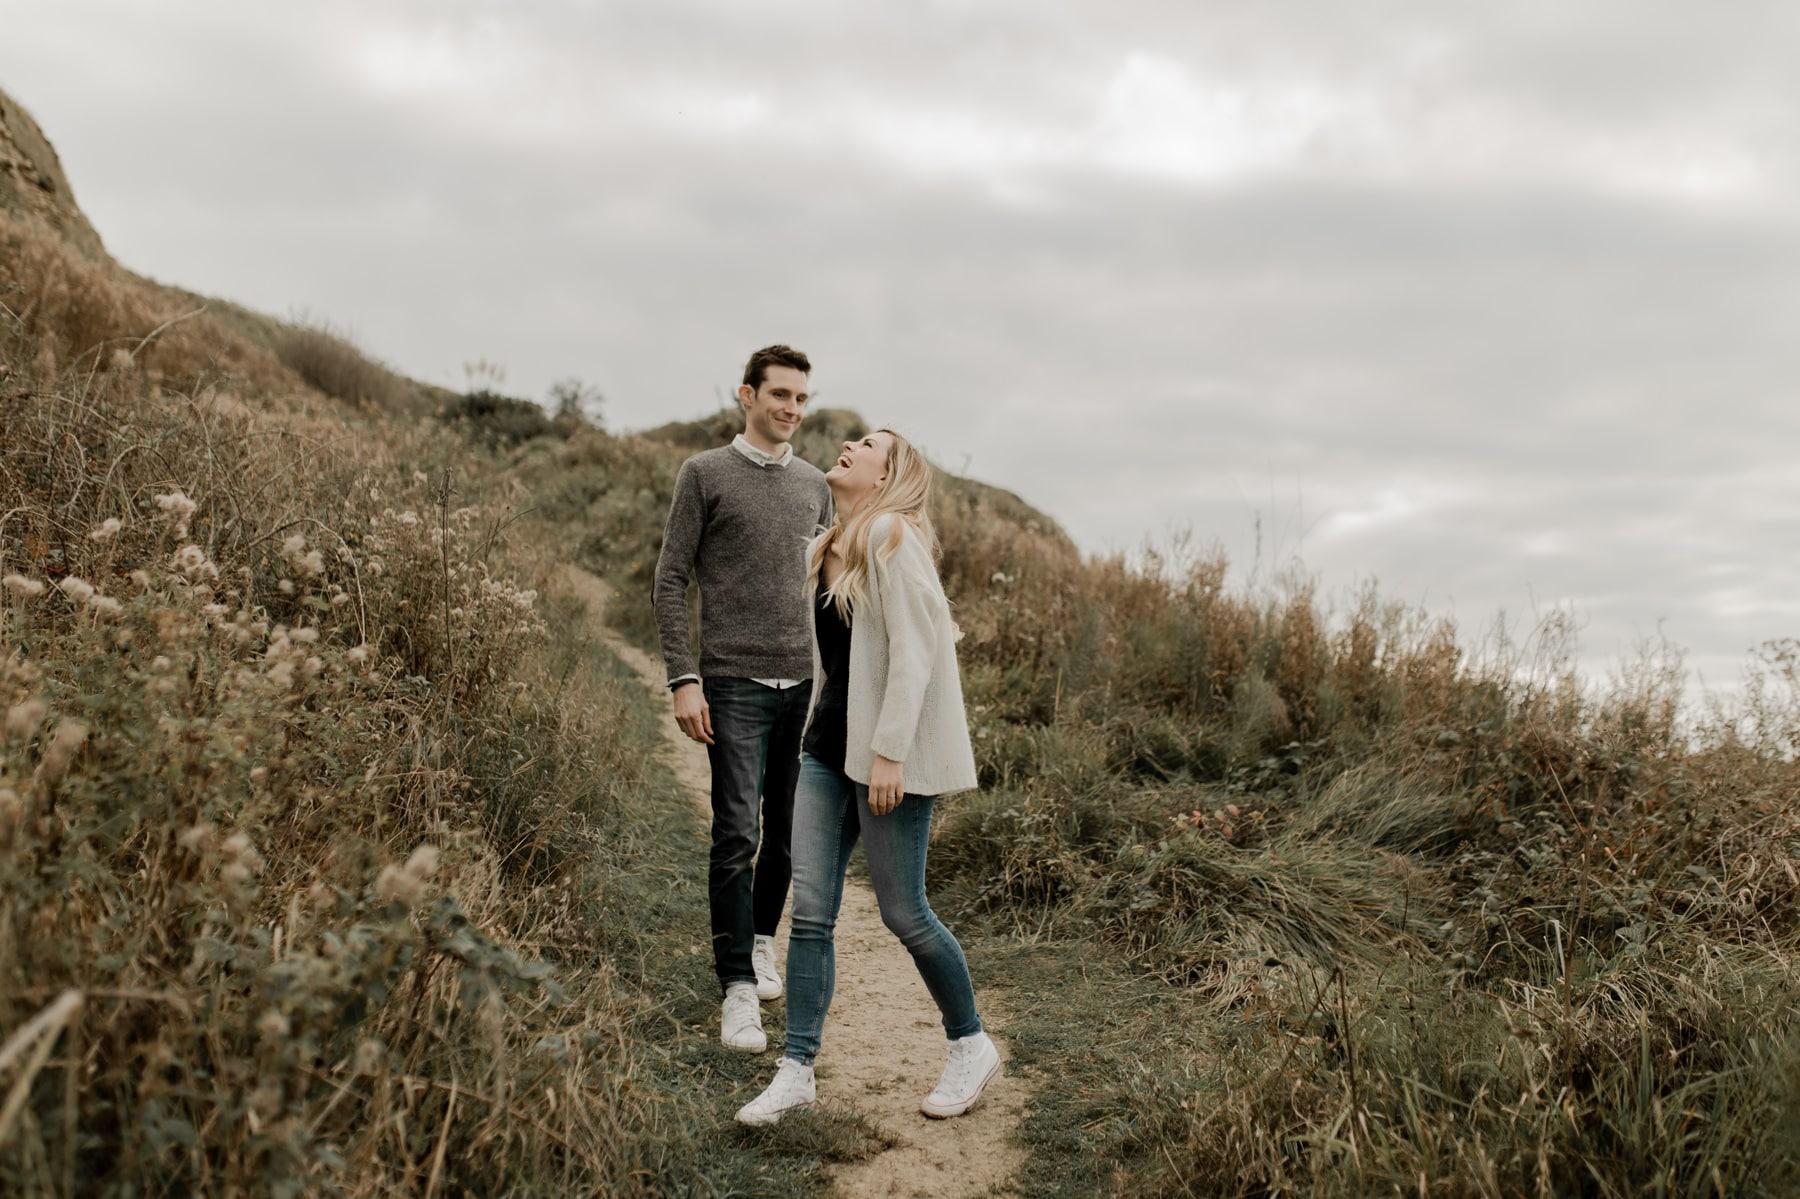 séance photo couple engagement plage automne normandie